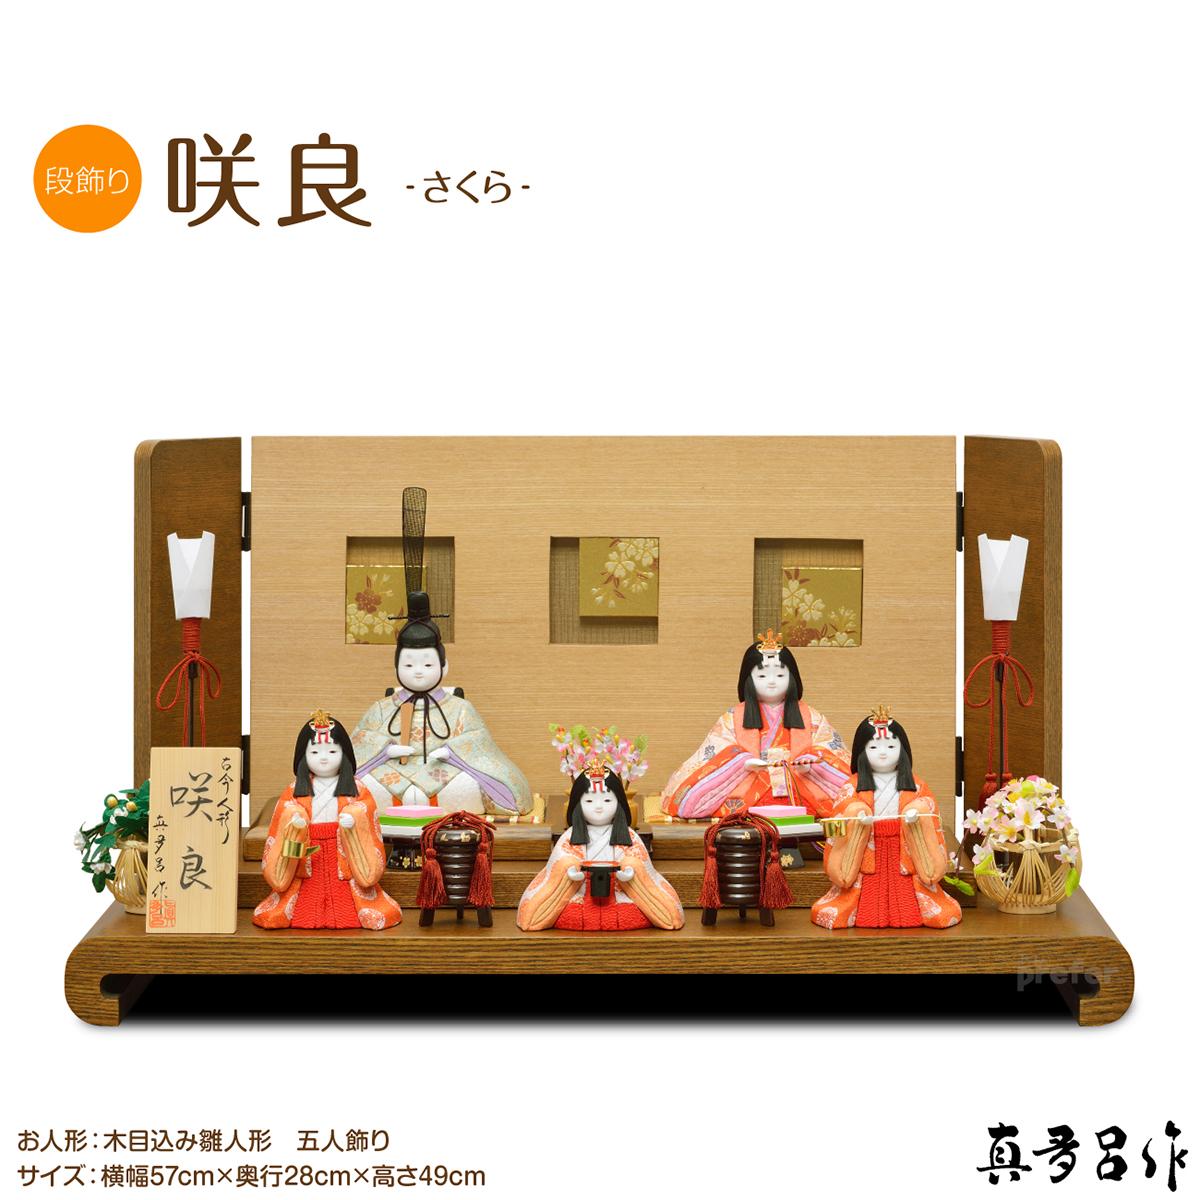 ひな人形 真多呂人形 木目込み雛人形 咲良(さくら)官女付 二段 段飾り おひな様 ひな祭り